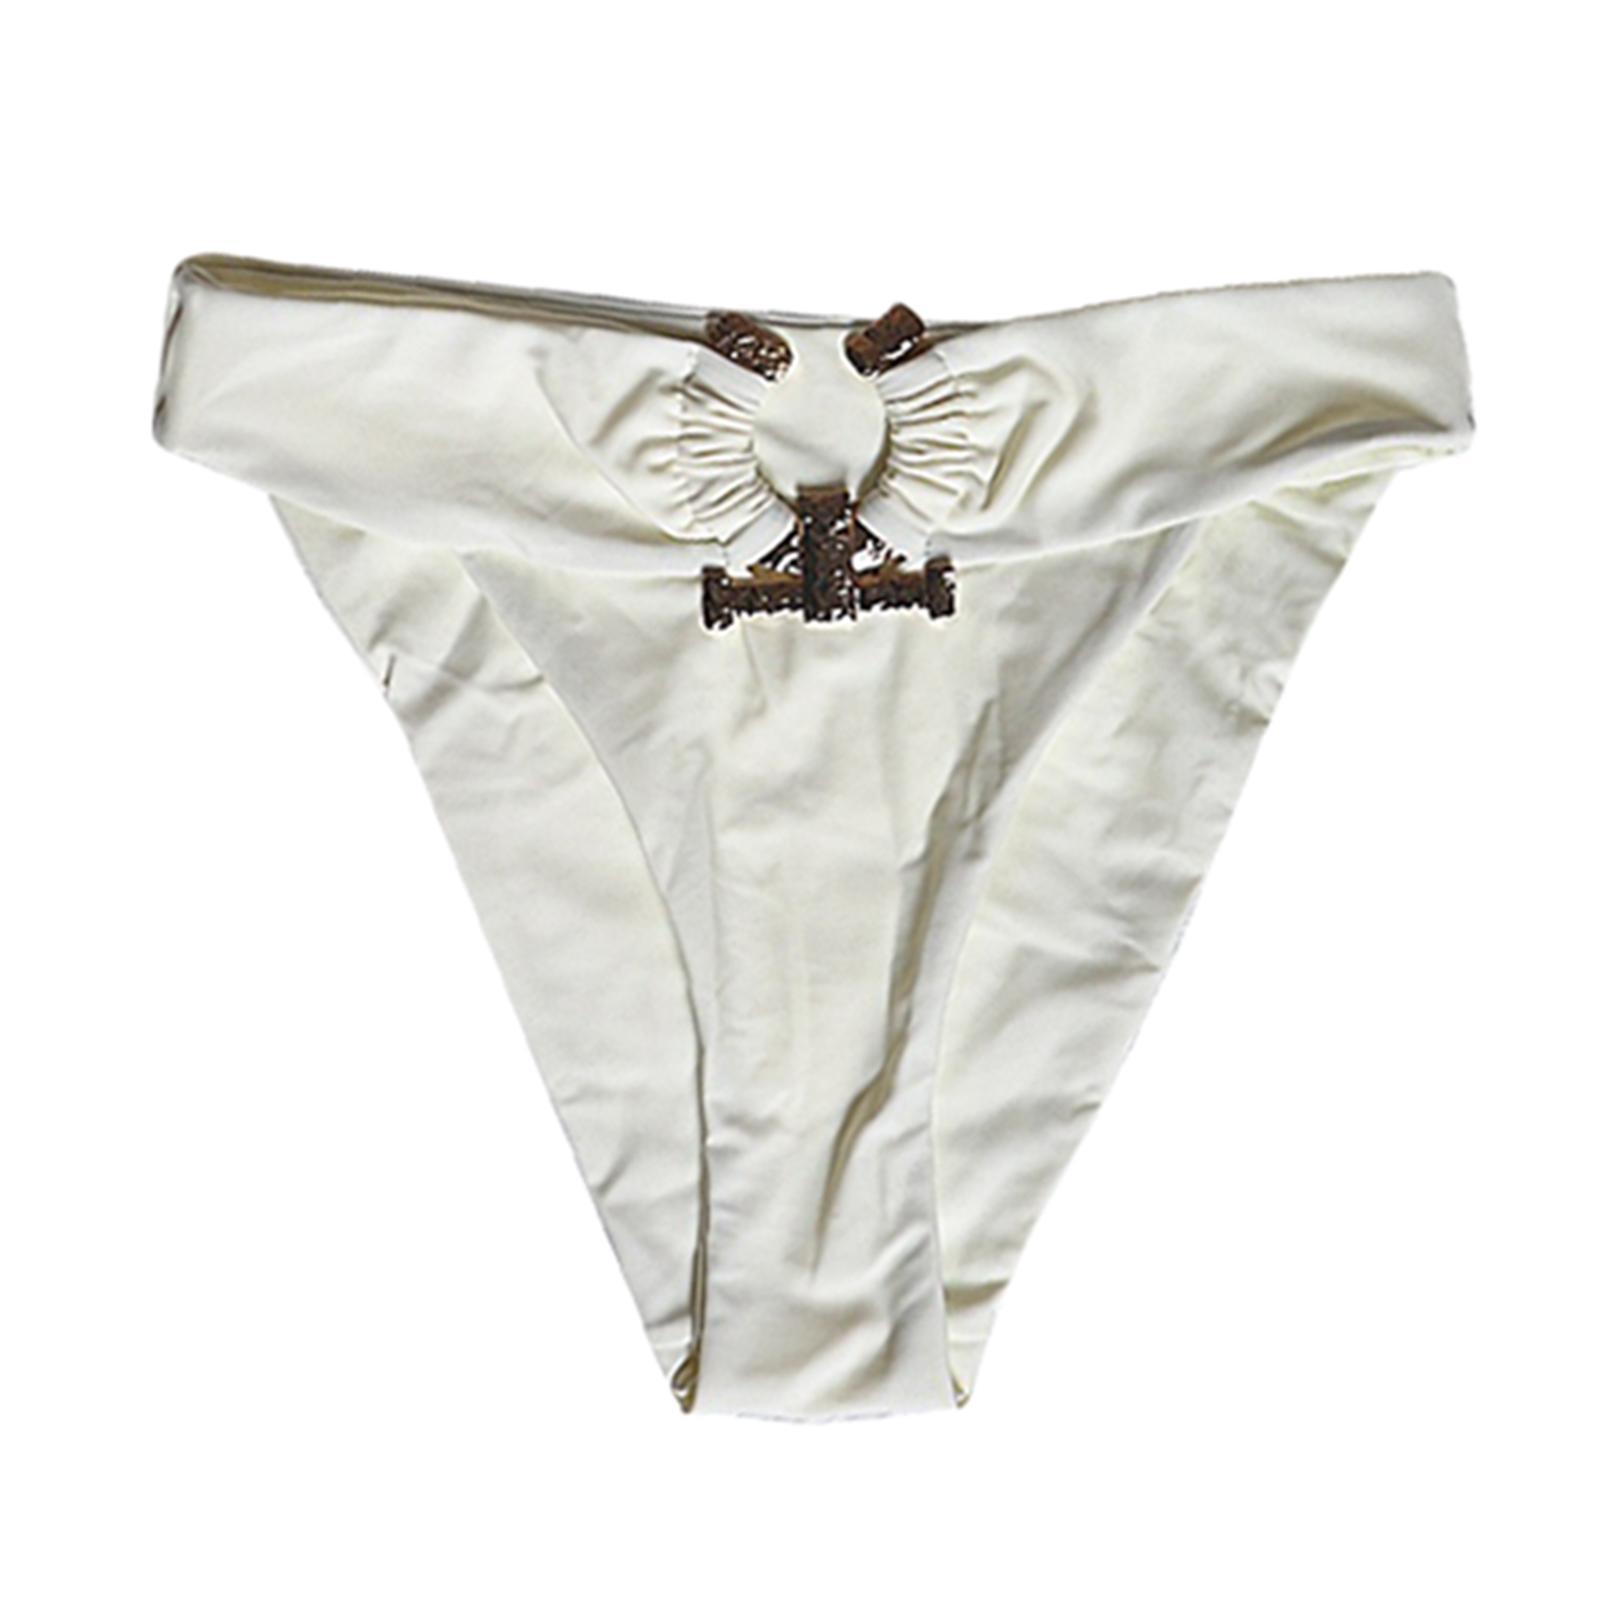 Indexbild 26 - Zwei Stücke Bikini Set Strappy Bademode Party Badeanzug Tankini Bademode